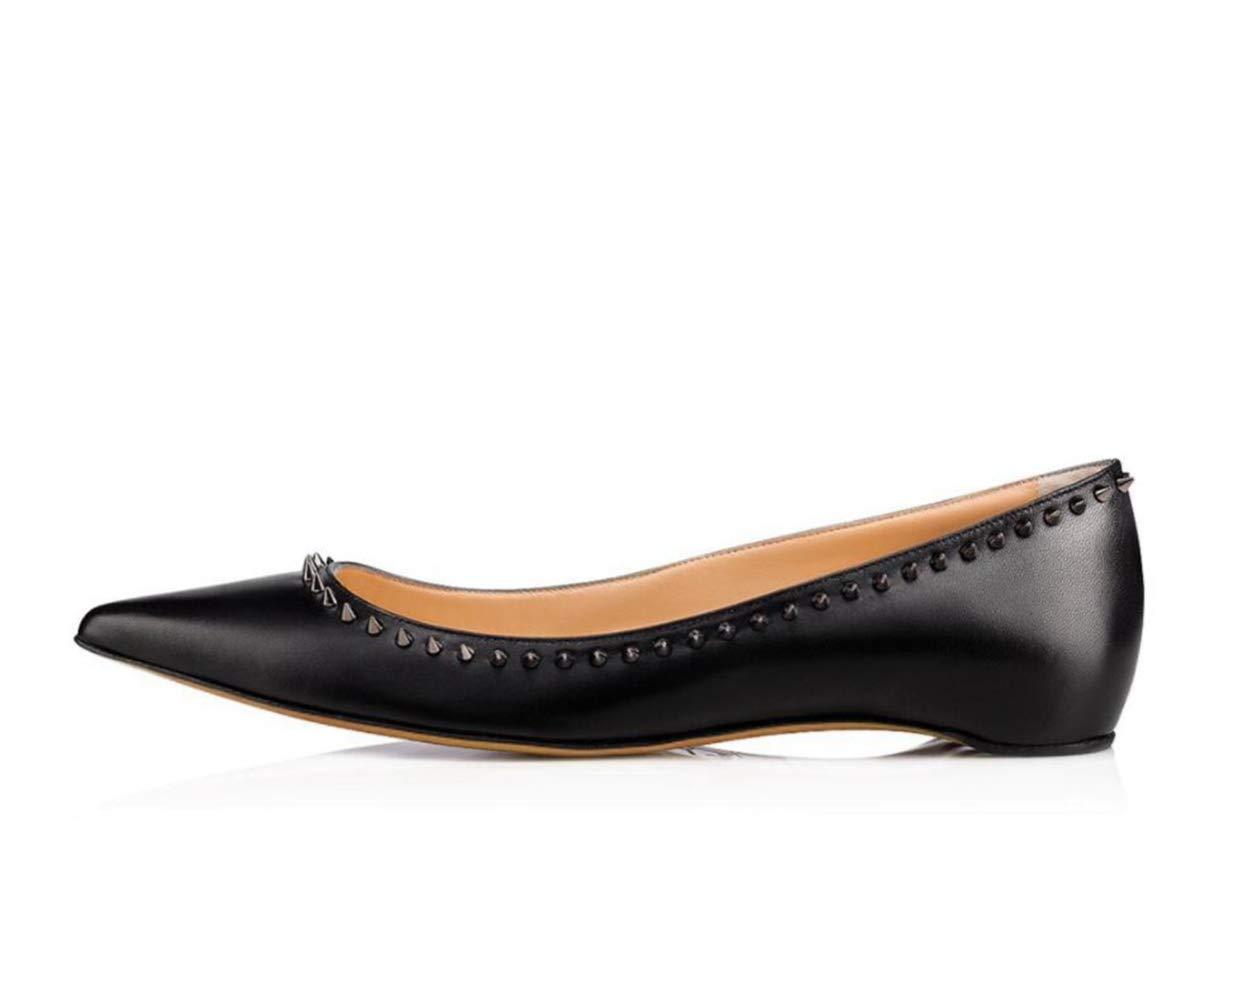 best authentic 0aa7c 7ca76 Shiney Femmes Bouche Bouche Bouche Peu Profonde Rivet Plat Chaussures  Simples Loisirs Vacances MarcherB07H1F24YVParent f54349